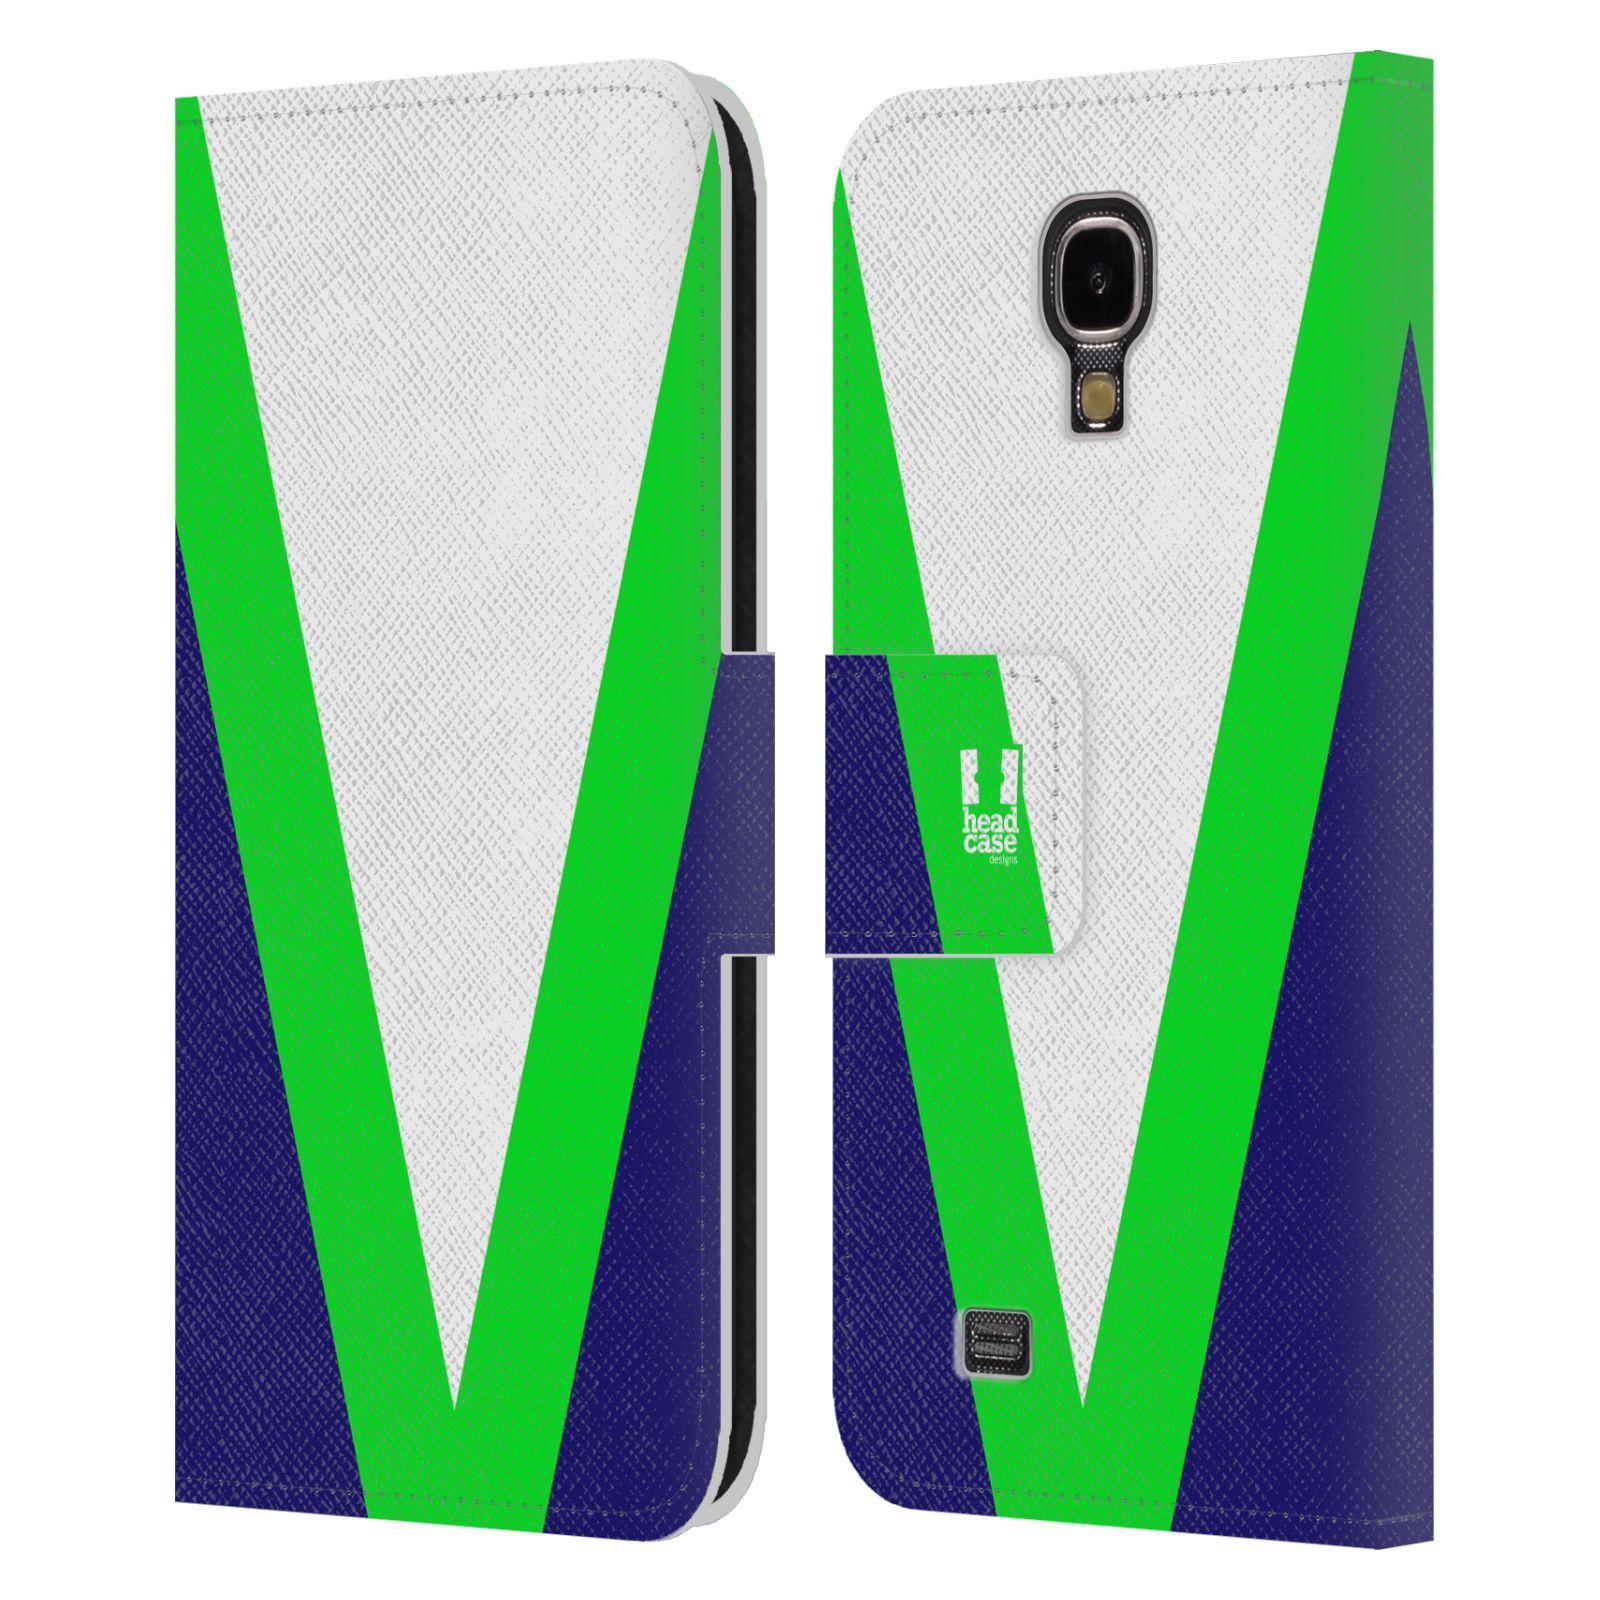 HEAD CASE Flipové pouzdro pro mobil Samsung Galaxy S4 I9500 barevné tvary zelená a modrá